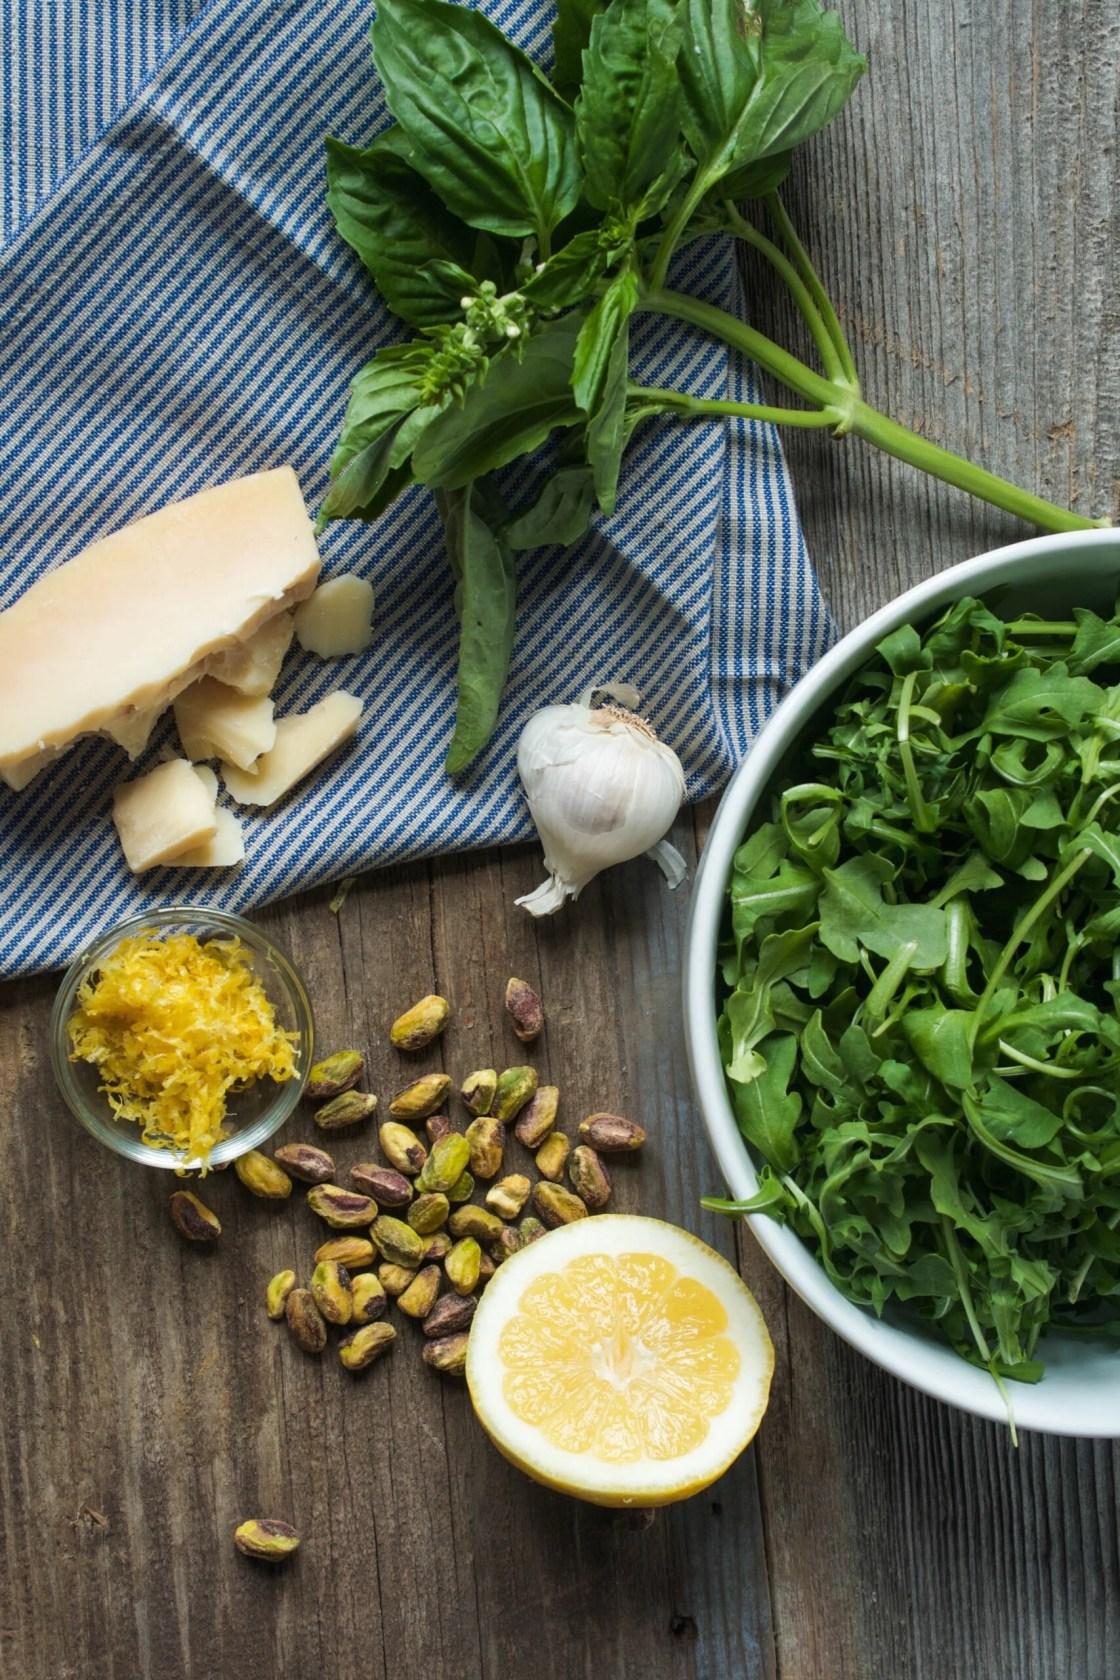 Pistachio & Arugula Basil Pesto + 4 Ways to Use Pesto